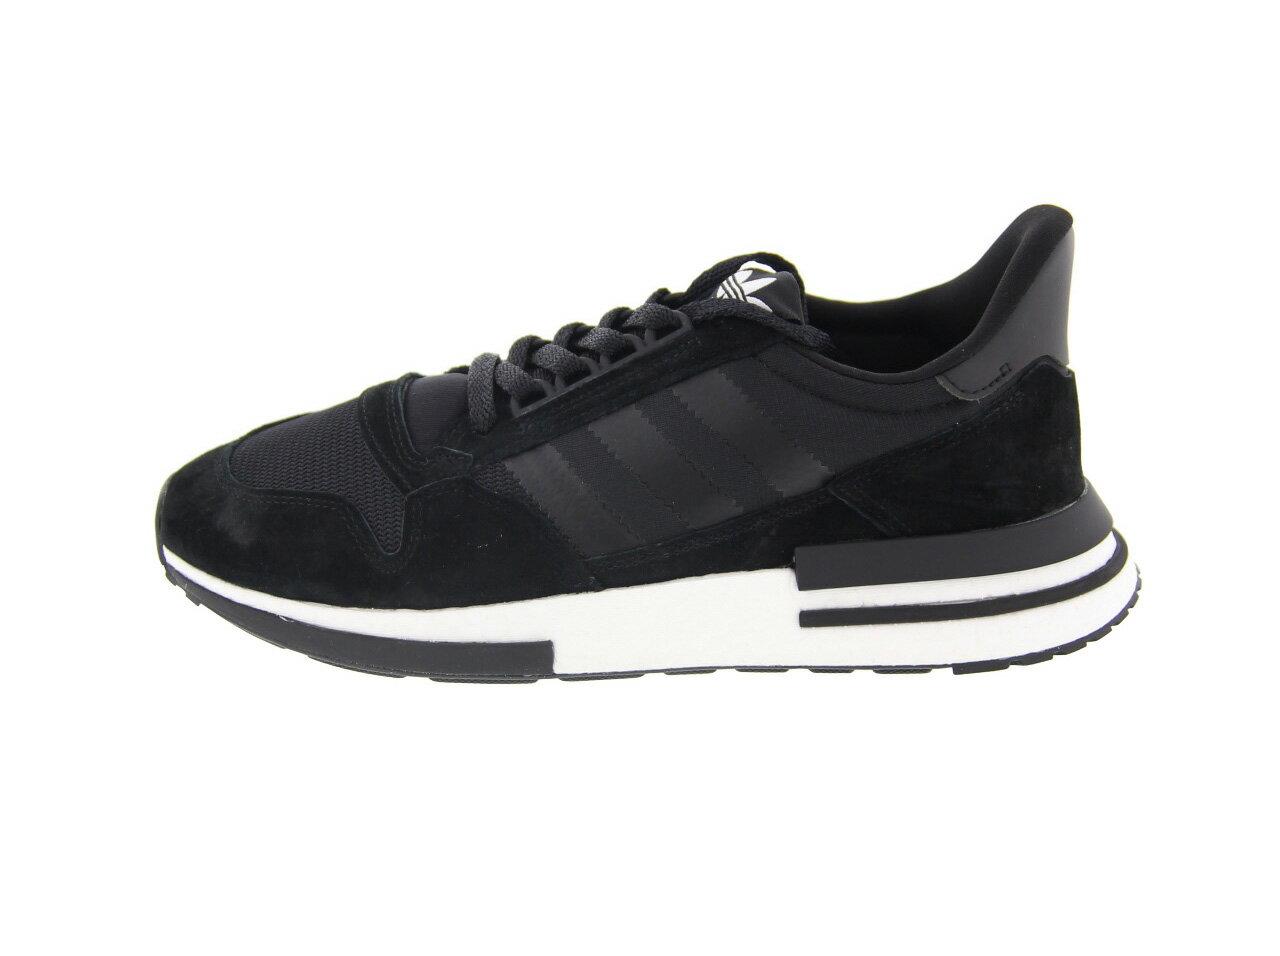 メンズ靴, スニーカー adidas ZX 500 RM(B42227) ZX500 RM